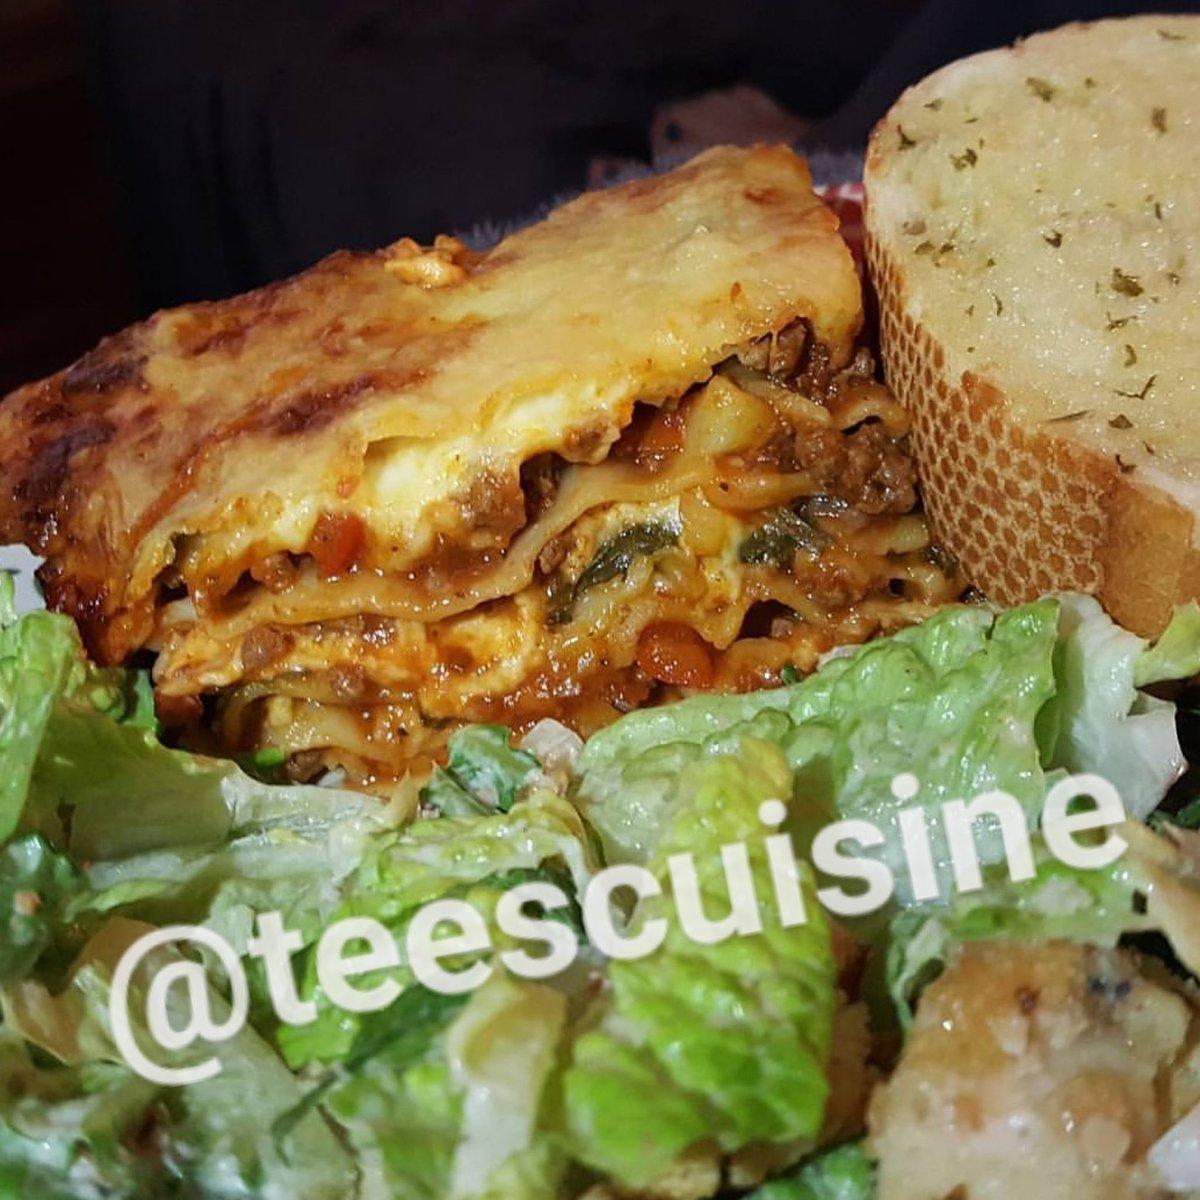 Tees Cuisine on Twitter: